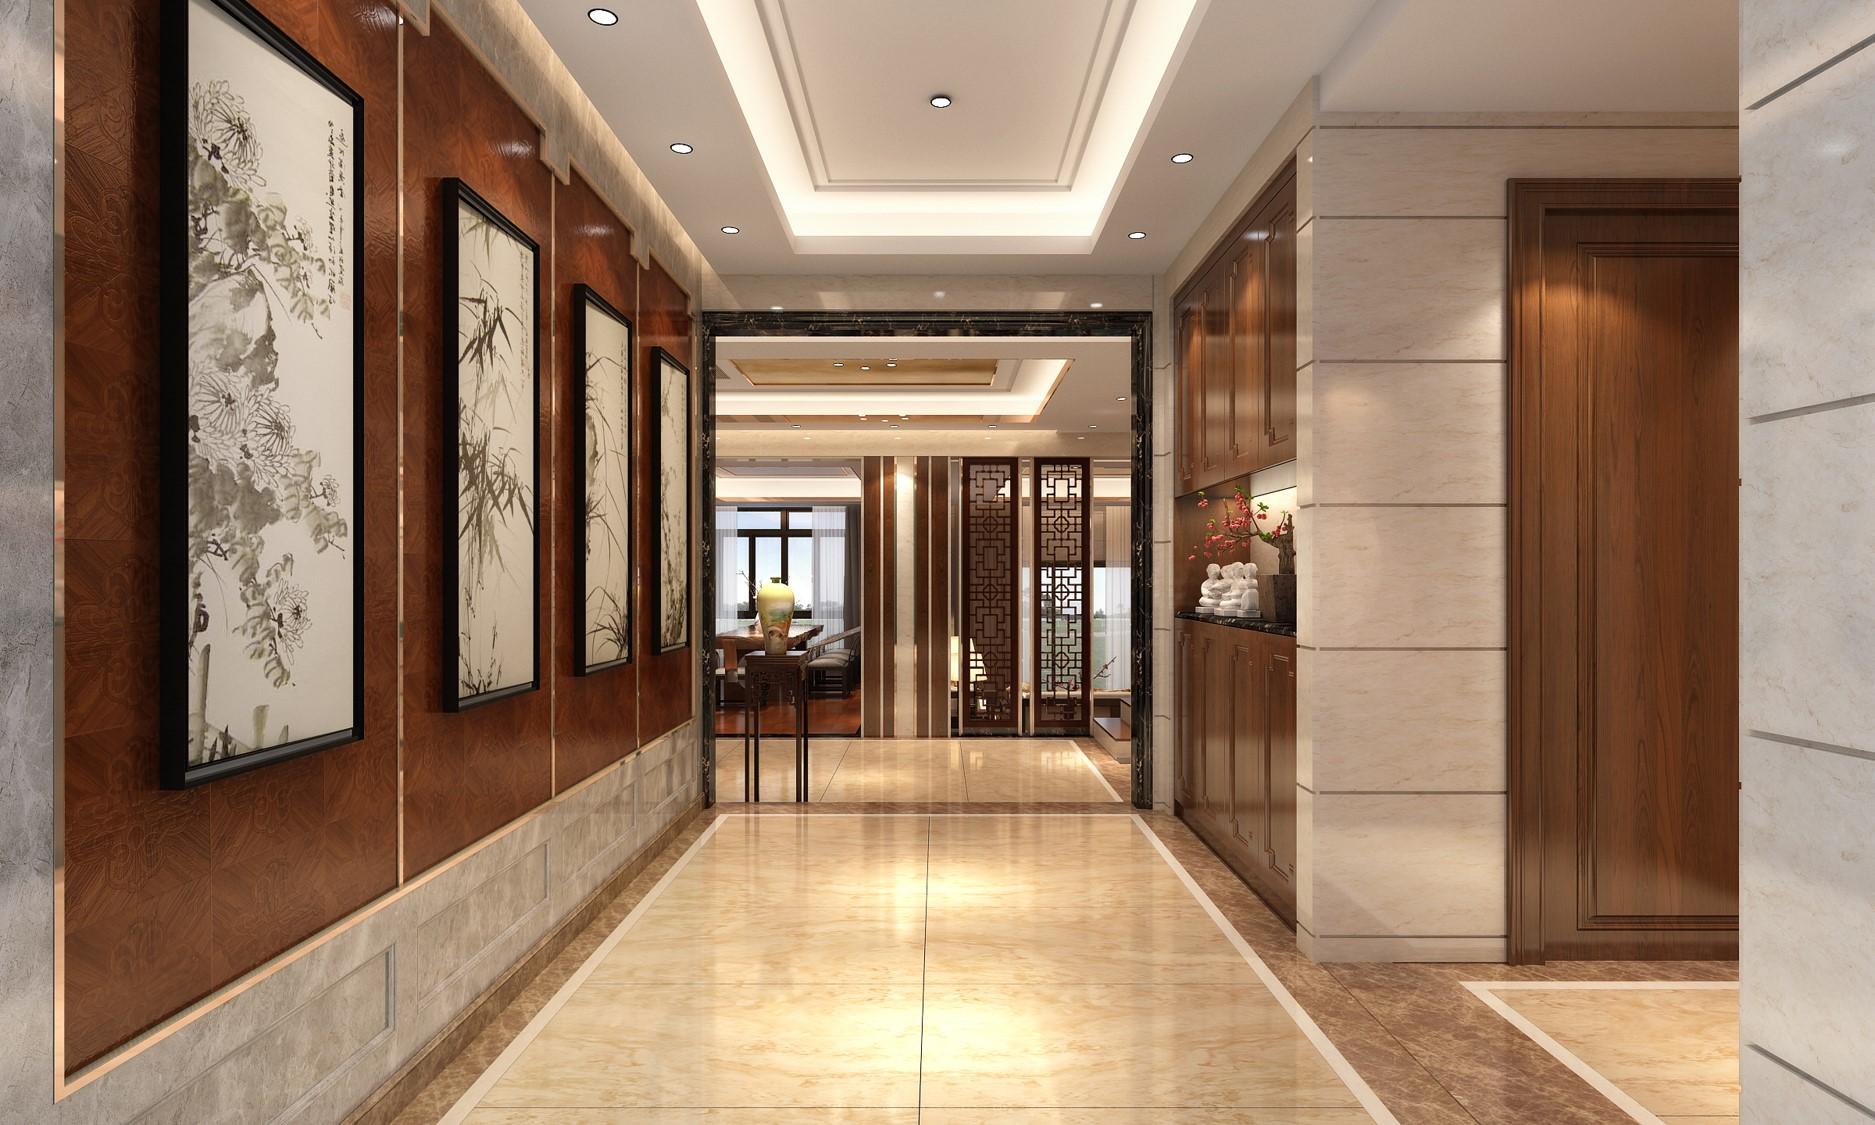 城市:福州市 | 风格:中式风格 | 户型:别墅豪宅 | 面积:326m&sup2